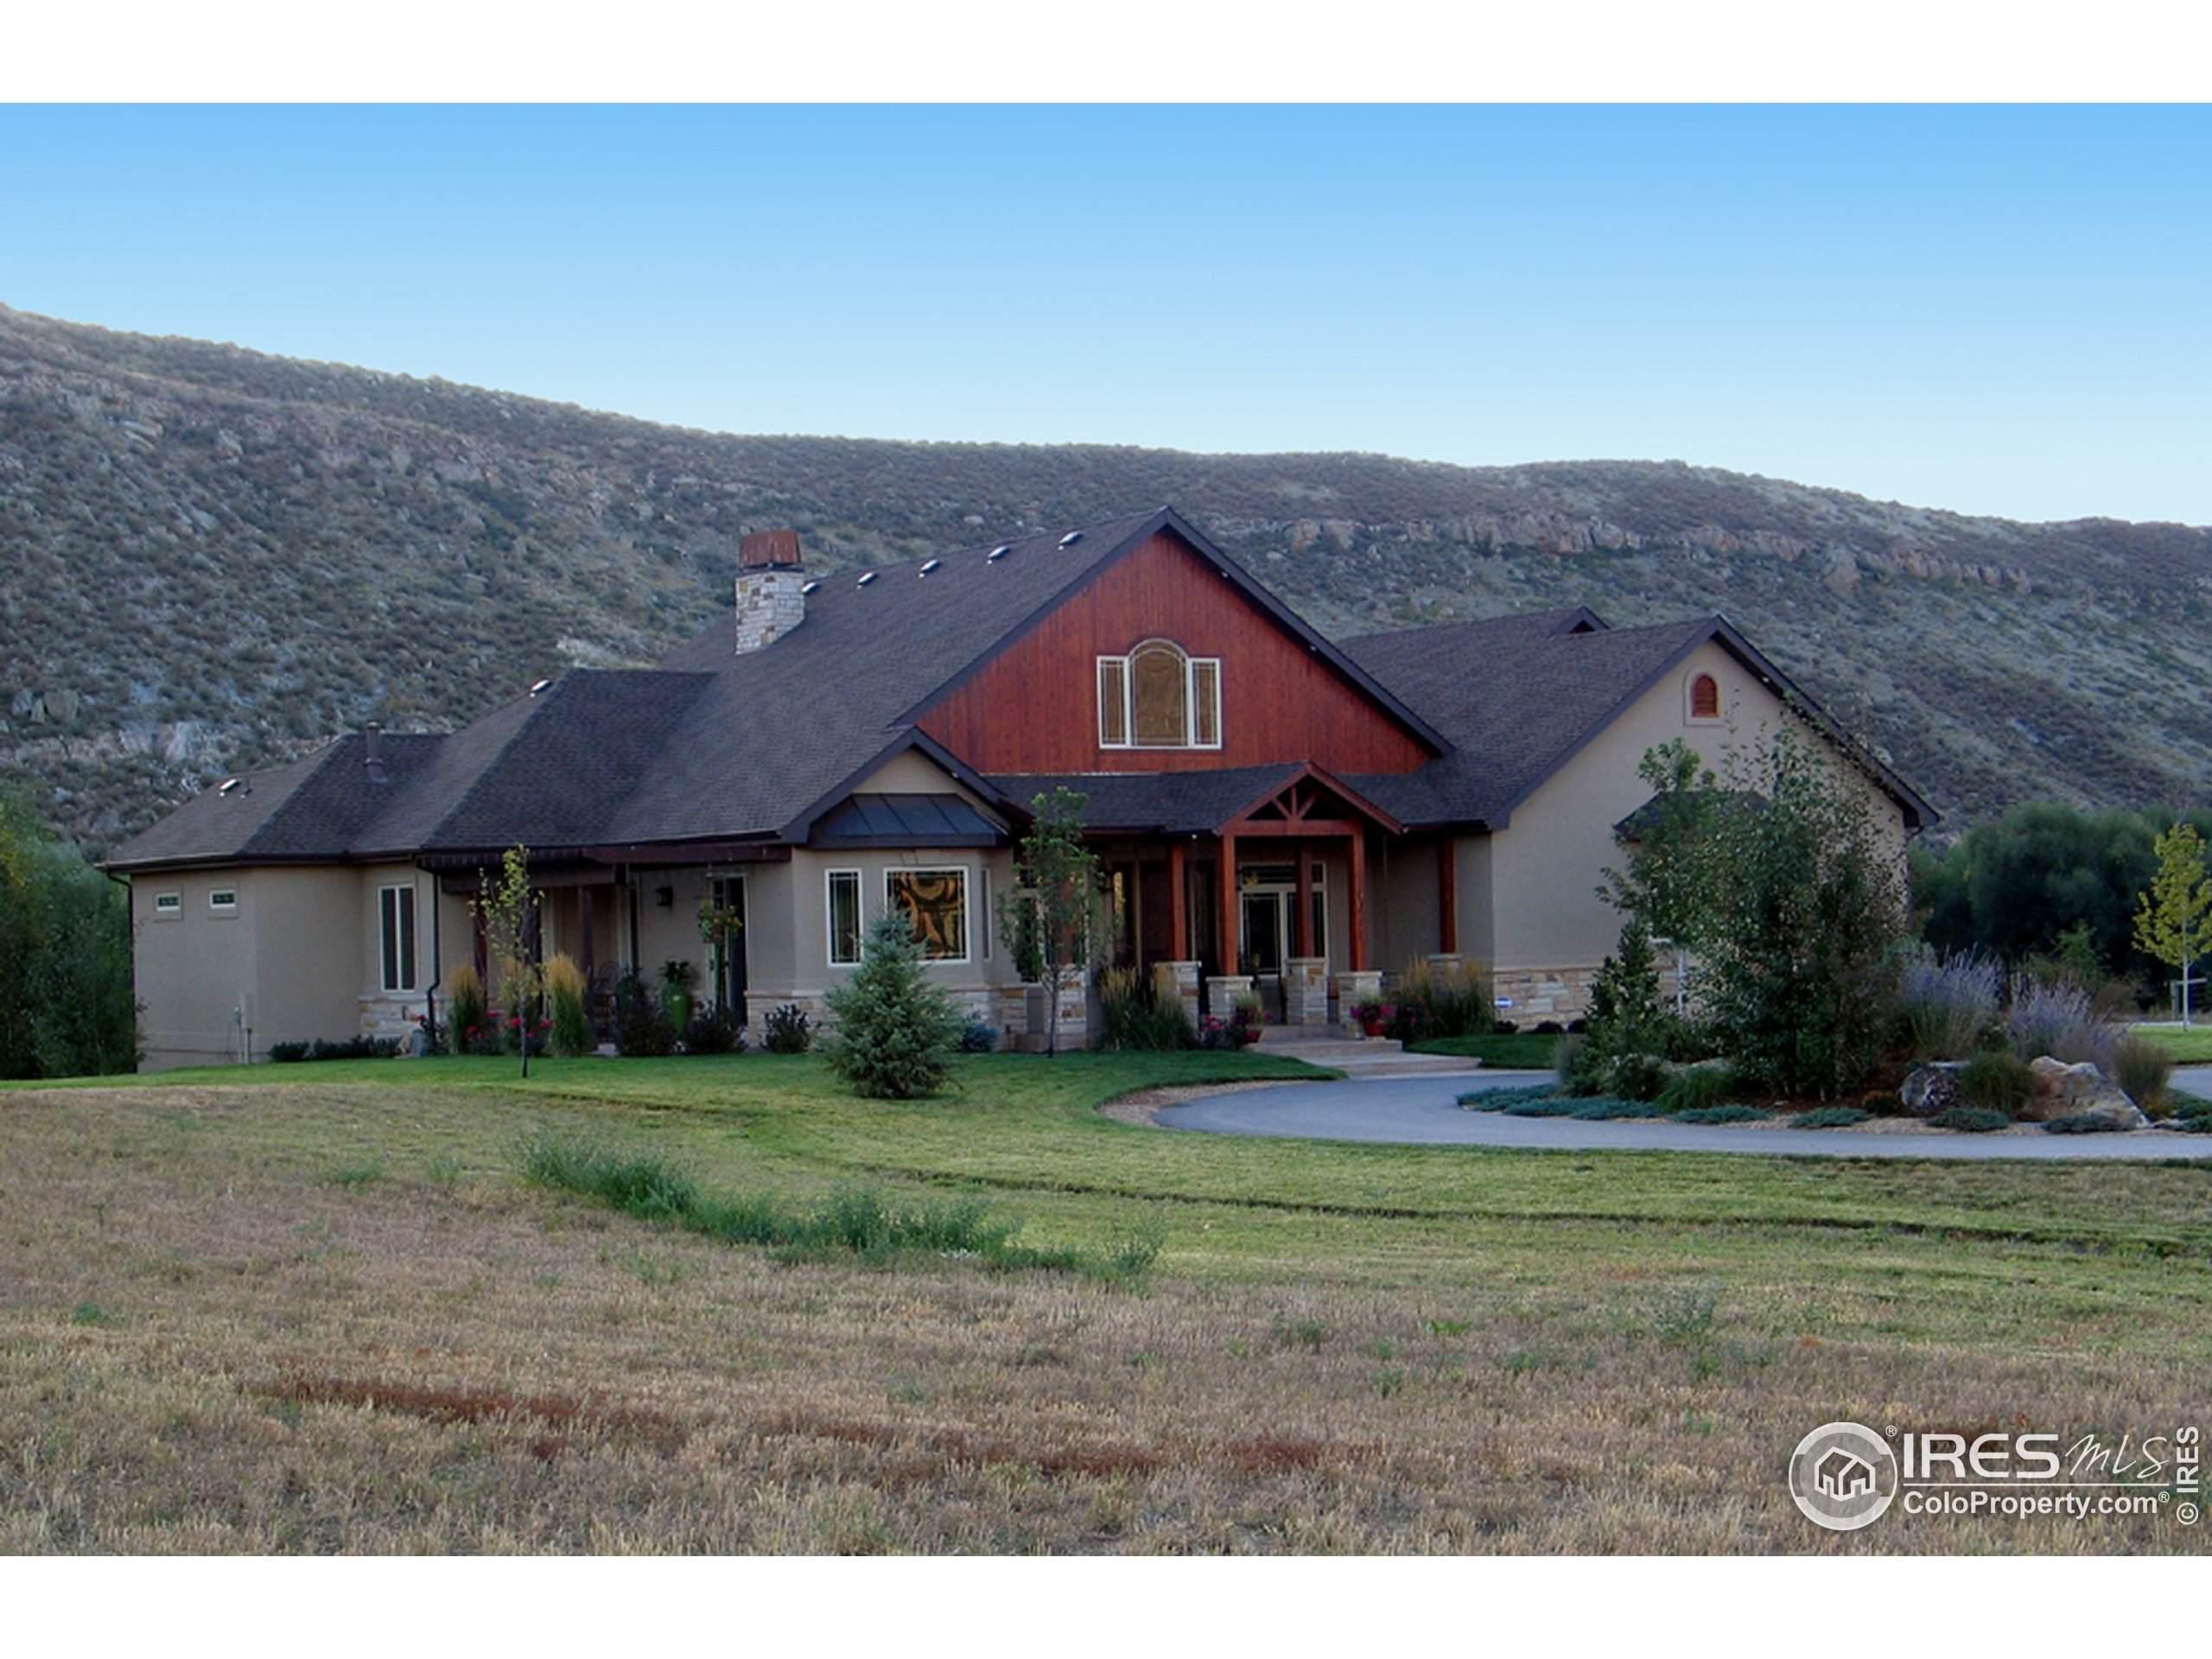 286 E Chestnut St #6, Windsor, CO 80550 (MLS #929665) :: RE/MAX Alliance